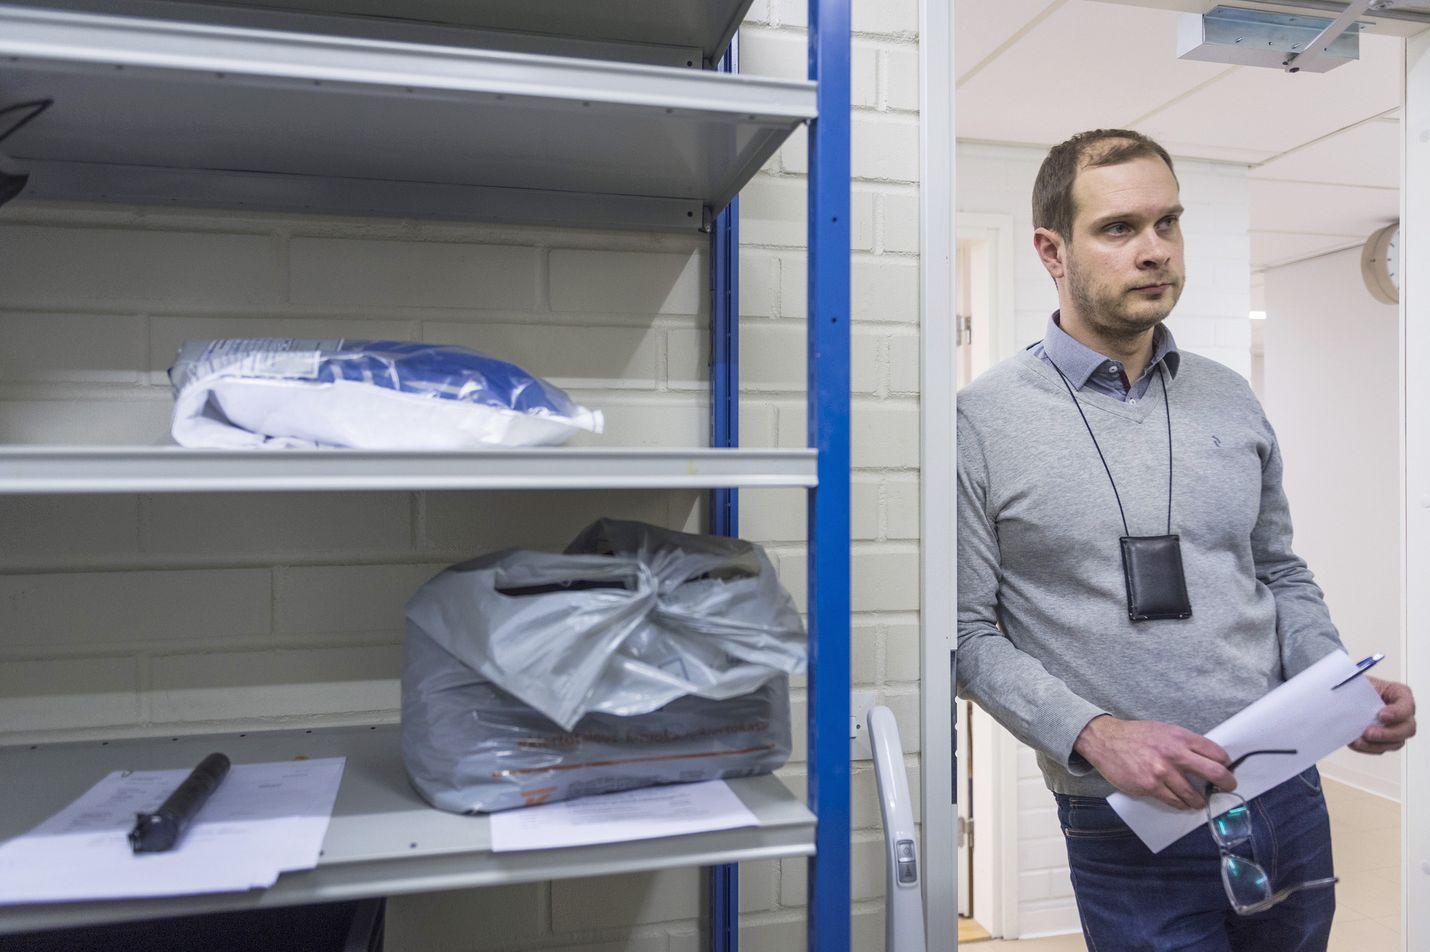 Tässä Lounais-Suomen poliisilaitoksen takavarikkovarastossa säilytetään omaisuutta, joka voi liittyä näpistyksistä murhiin. Rikoskomisario Jussi Helesvirran mukaan varastoa käyttävät ryhmät tutkivat vuosittain noin 7500 rikosjuttua.